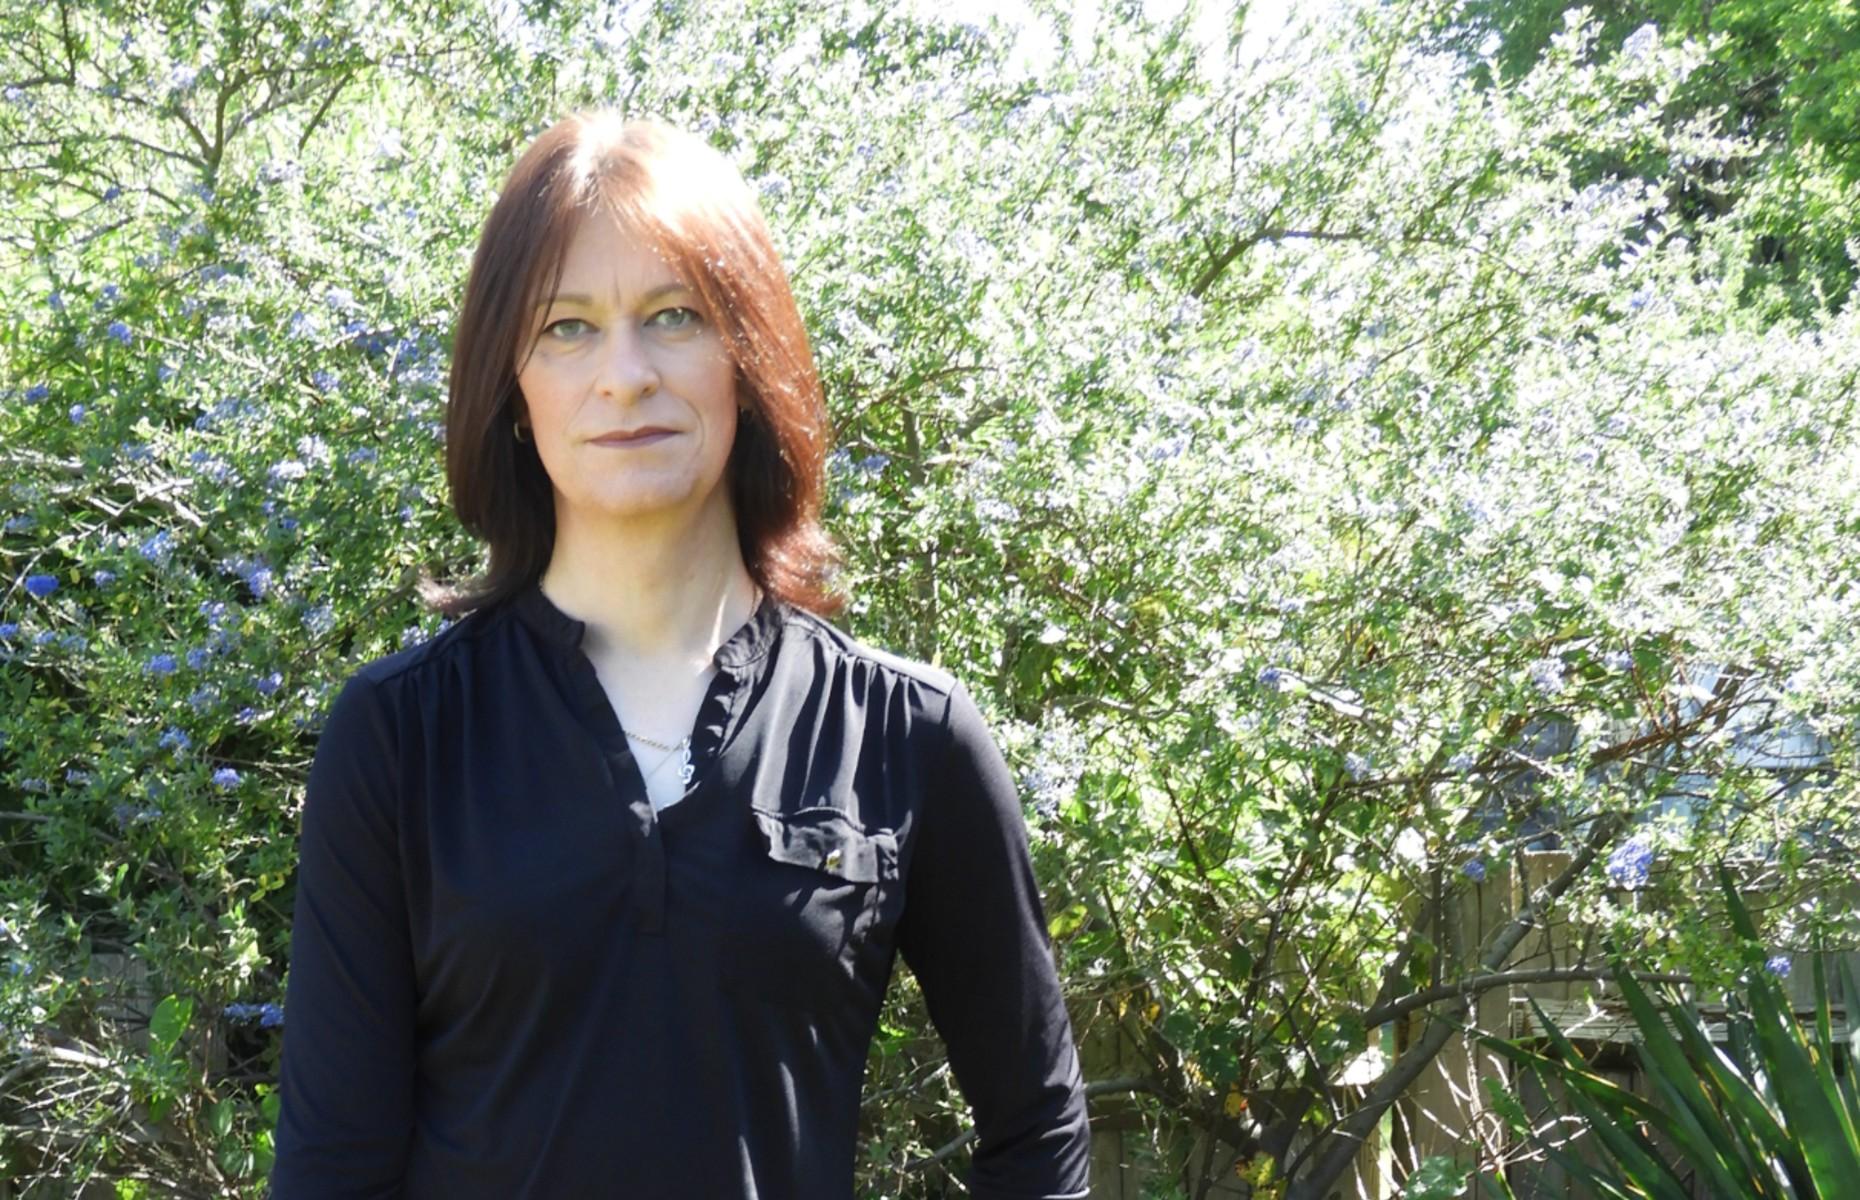 Bobbi Pickard, transgender rights activist